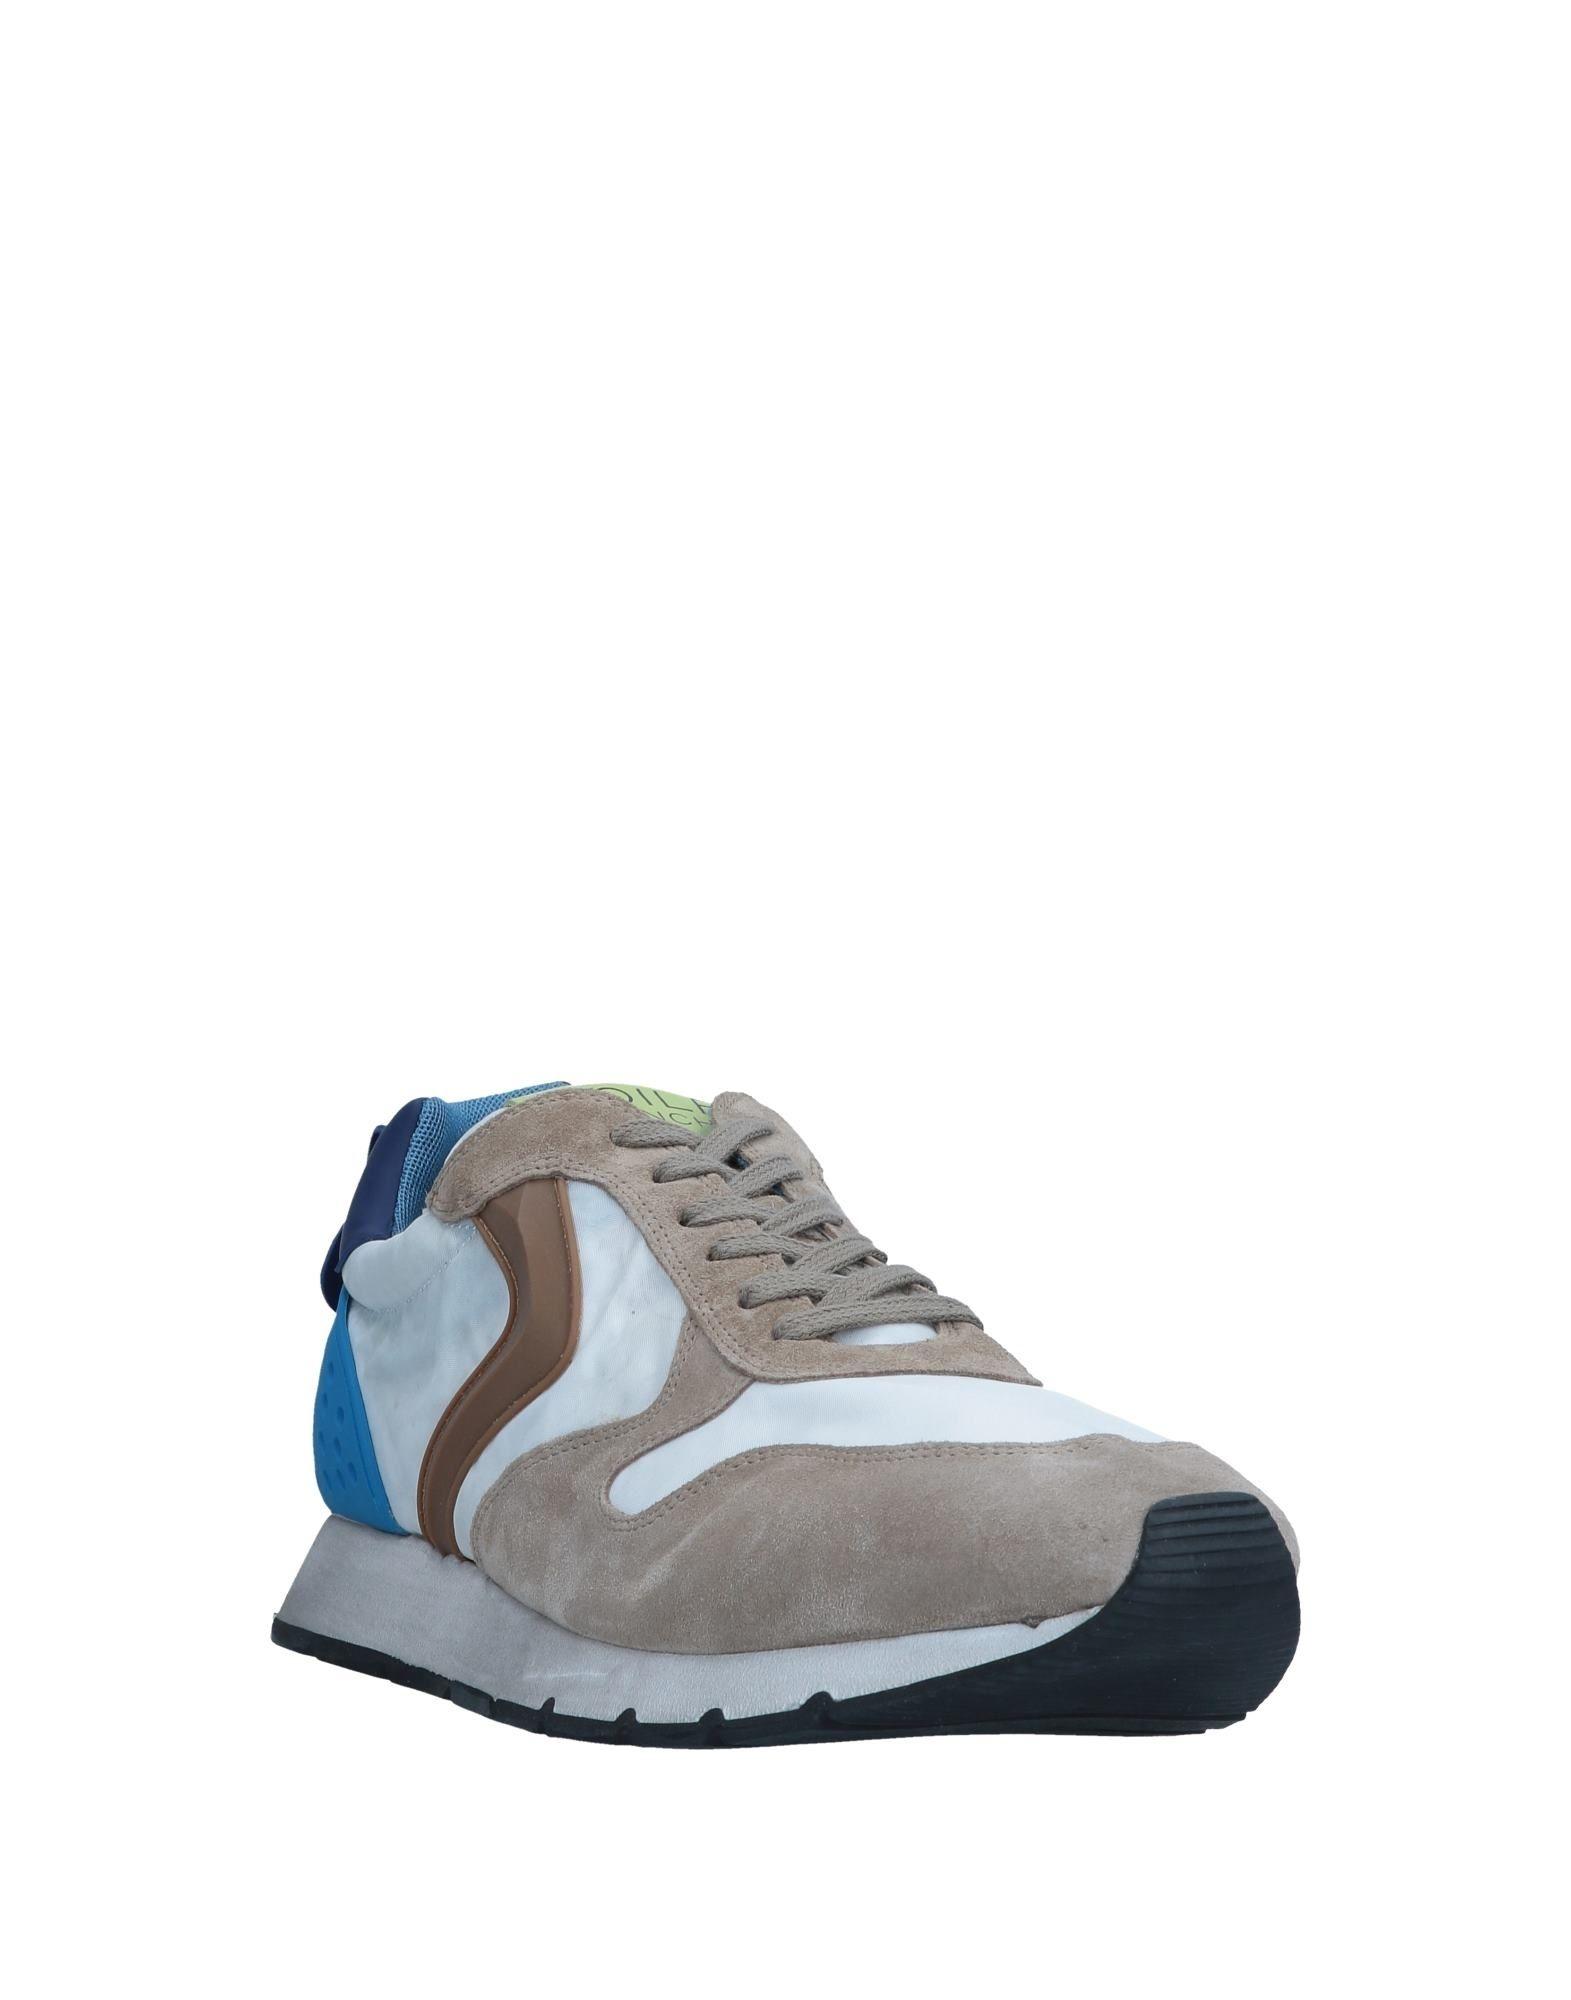 ... Sneakers Voile Blanche Homme - Sneakers Voile Blanche Beige Beige Beige  Meilleur modèle de vente 9ebf11 ... 8ab23800418